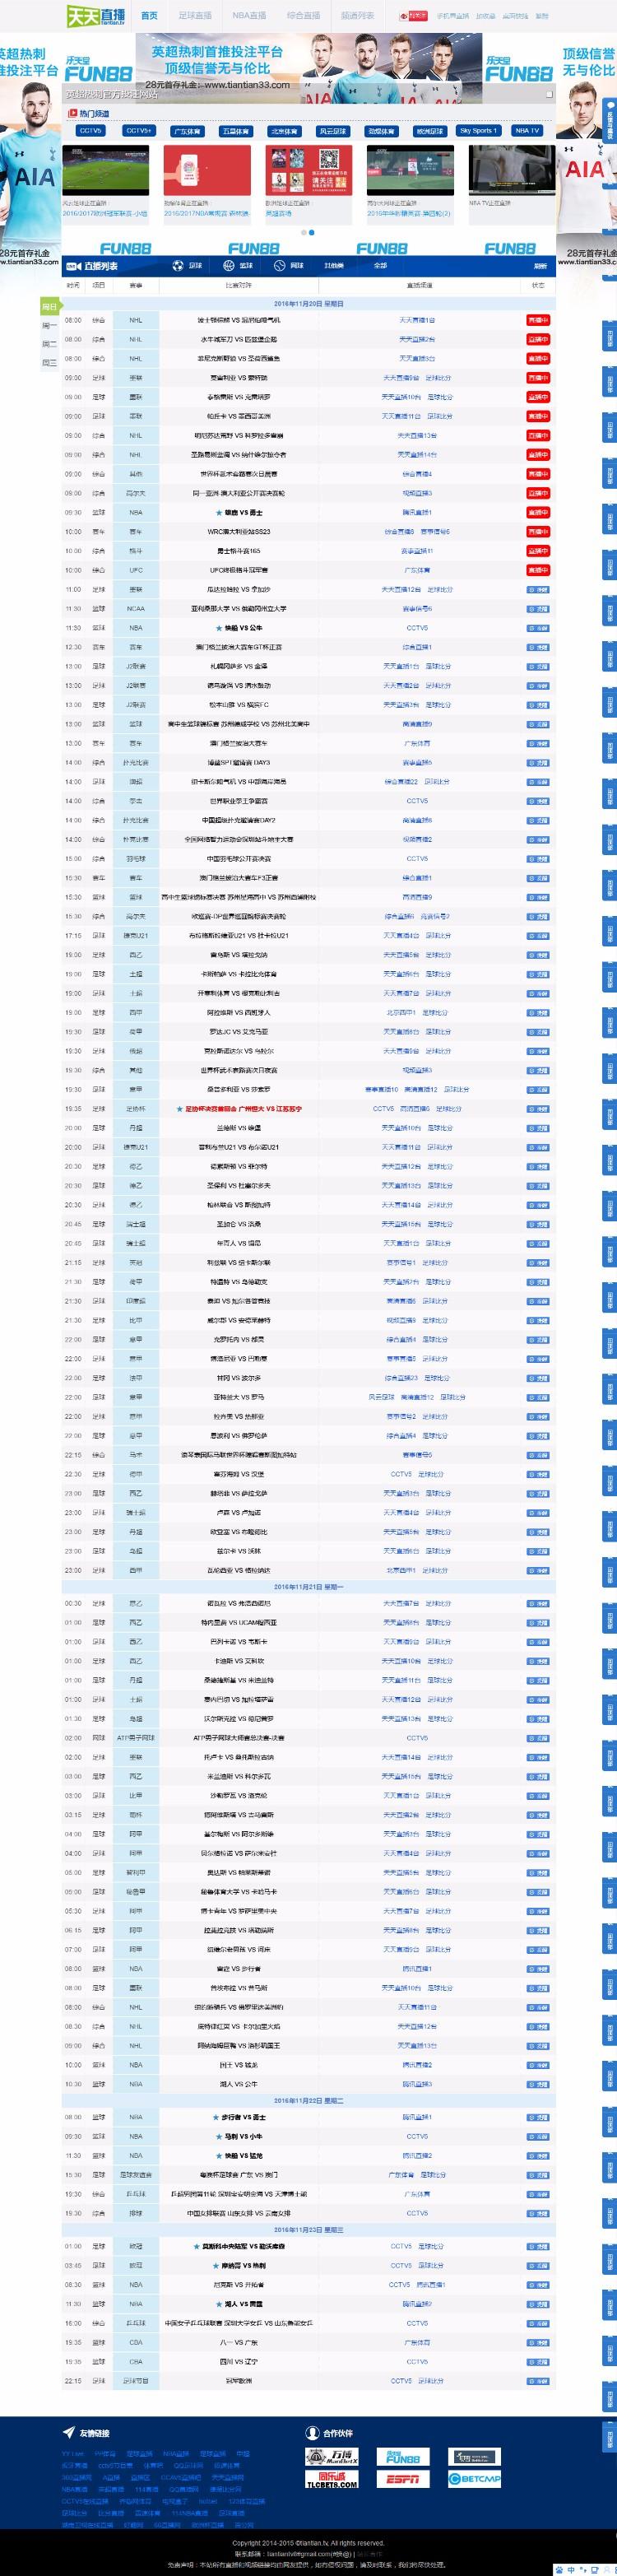 最新NBA直播网站源码,92GAME仿制《天天直播》体育直播吧网站,帝国cms+WAP手机版+火车头